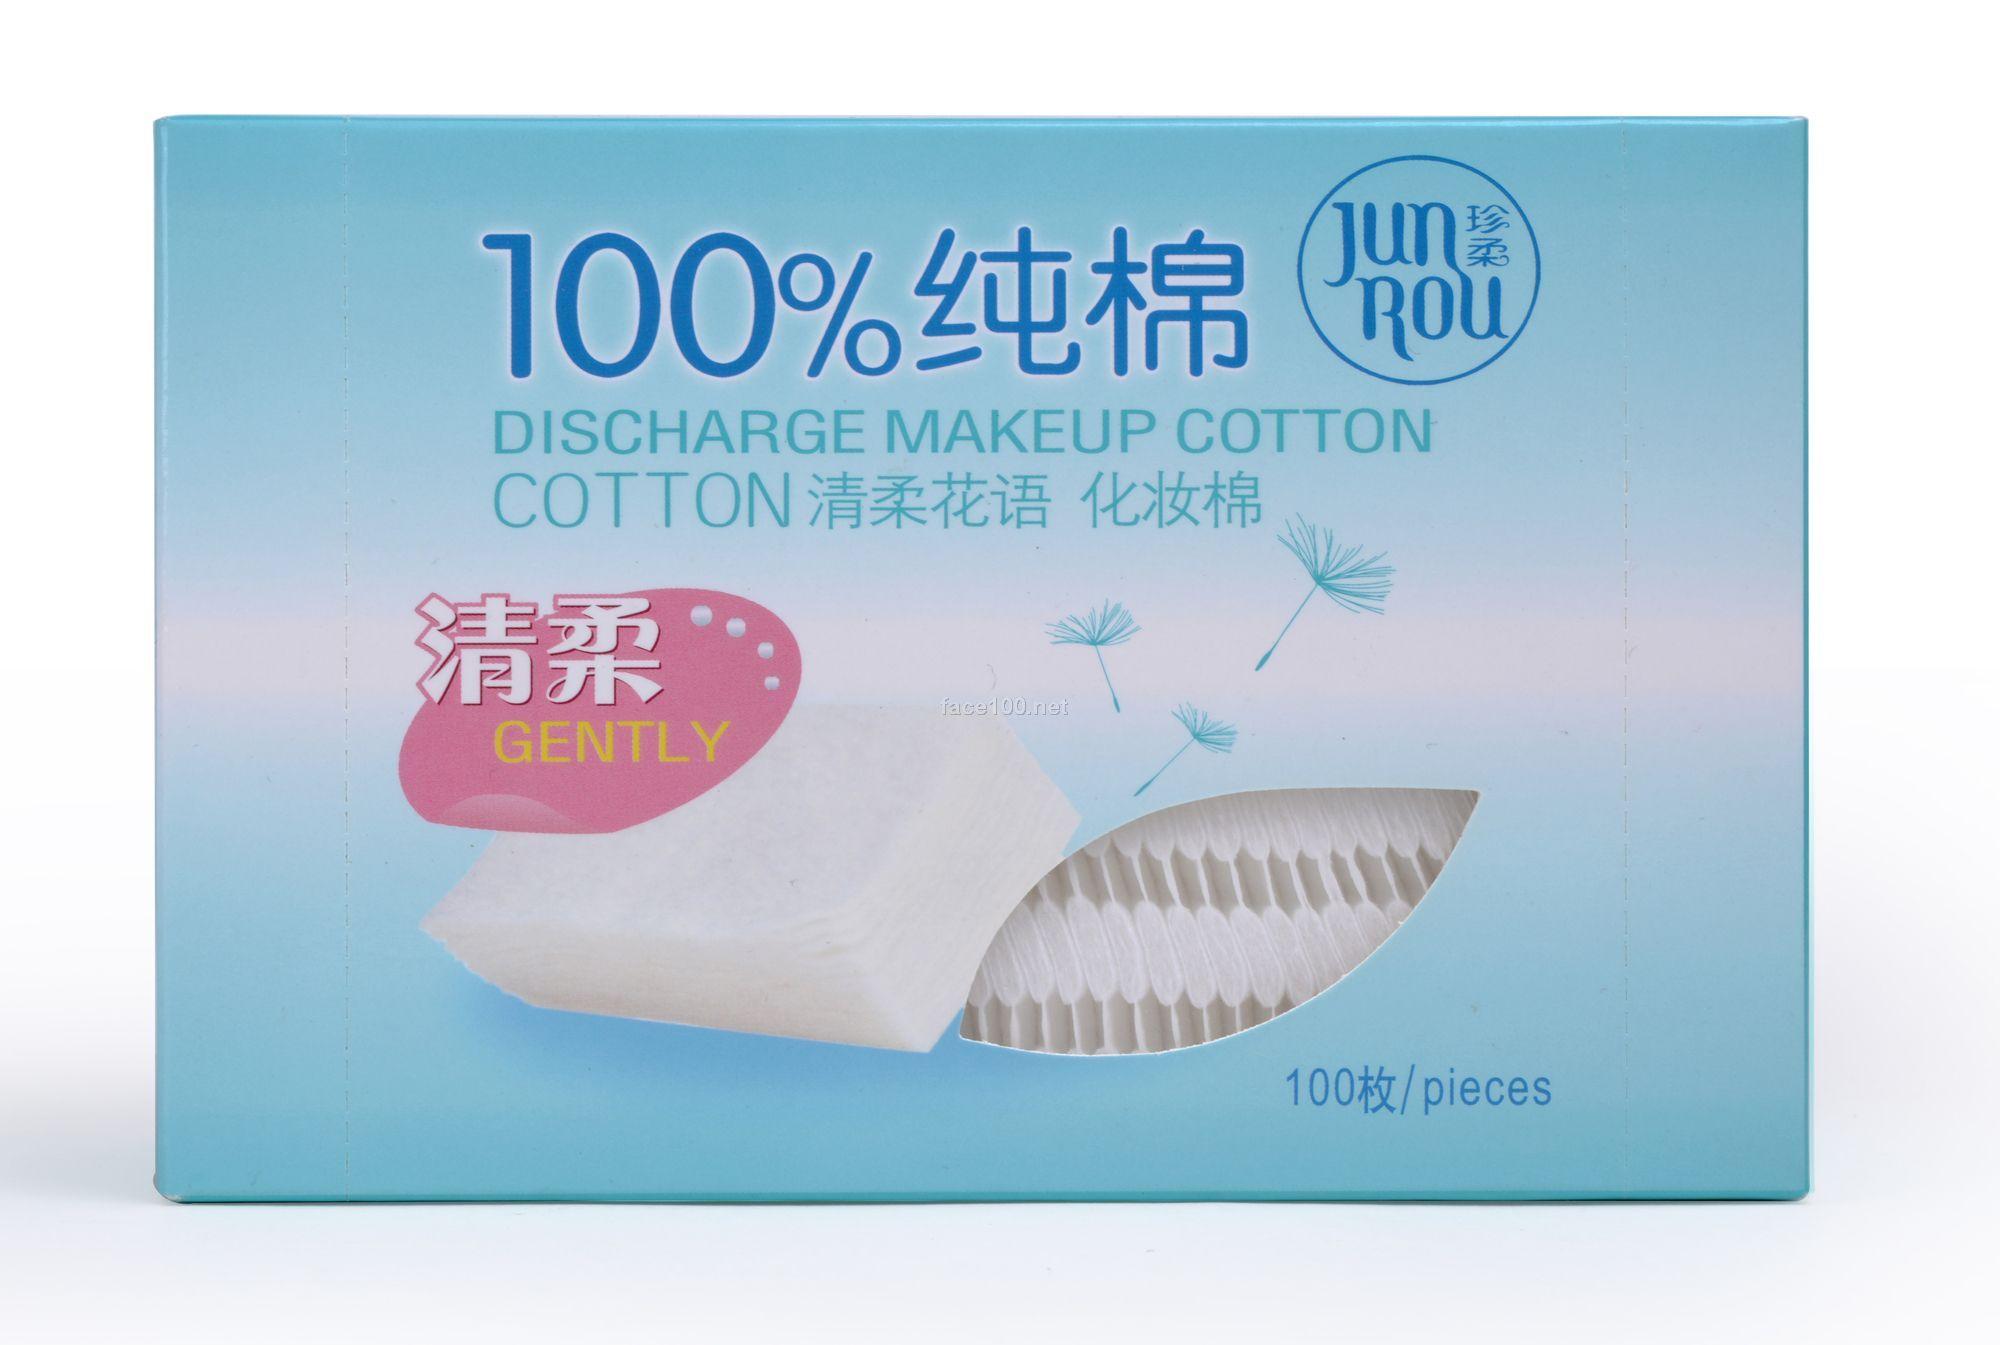 100枚盒装清柔花语化妆棉